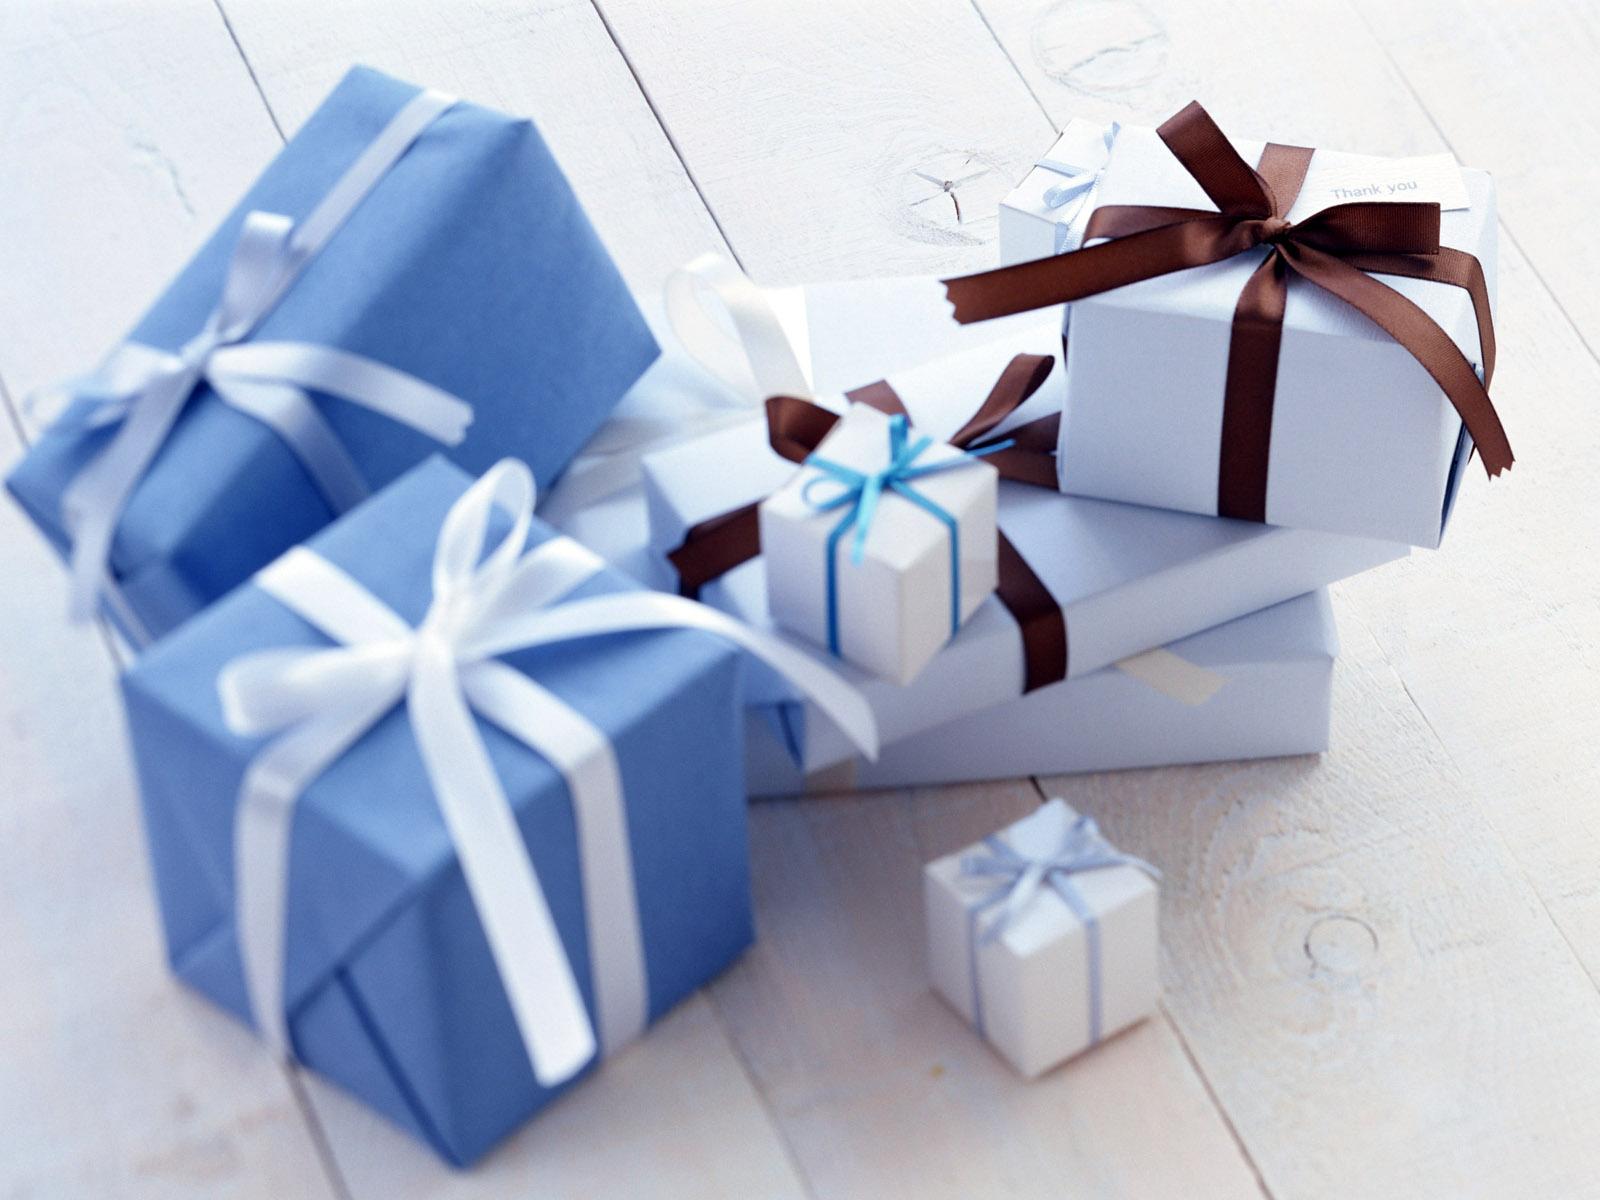 Обои на рабочий стол с подарками